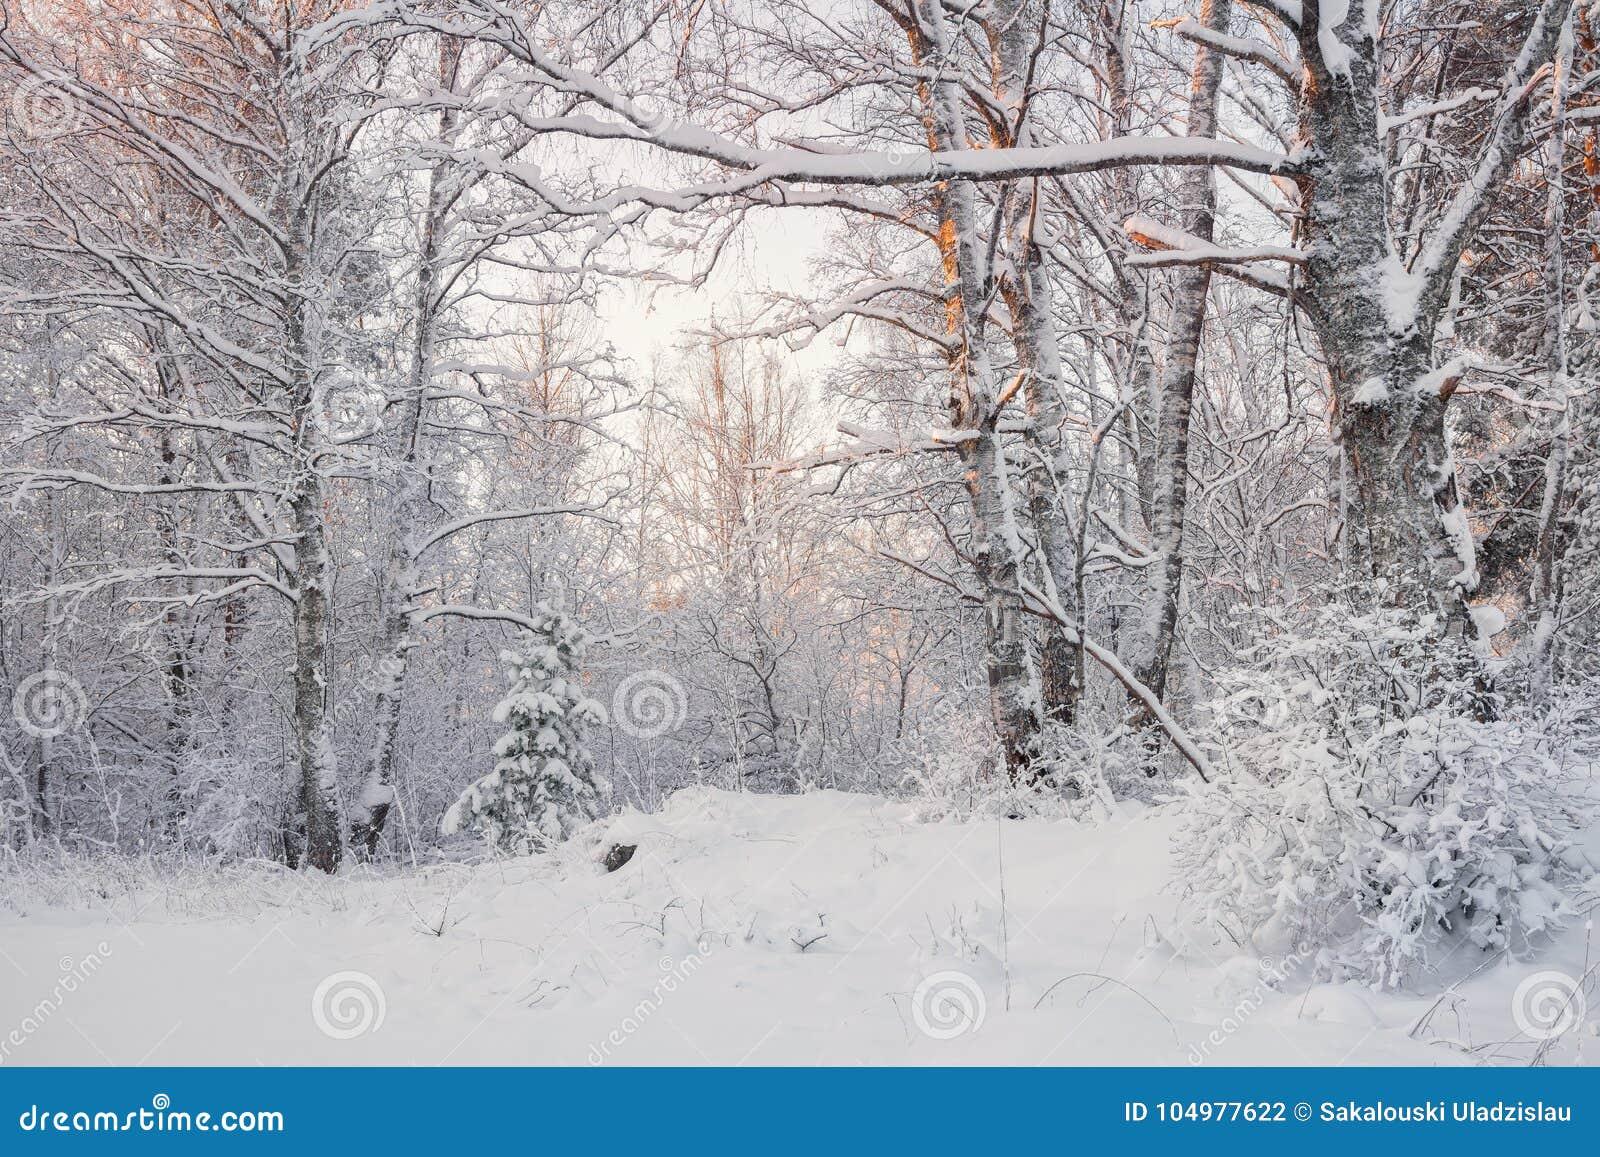 Frosty Landscape In Snowy ForestWinter Forest Landscape Schöner Winter-Morgen in einer schneebedeckten Birke Forest Snow Covered